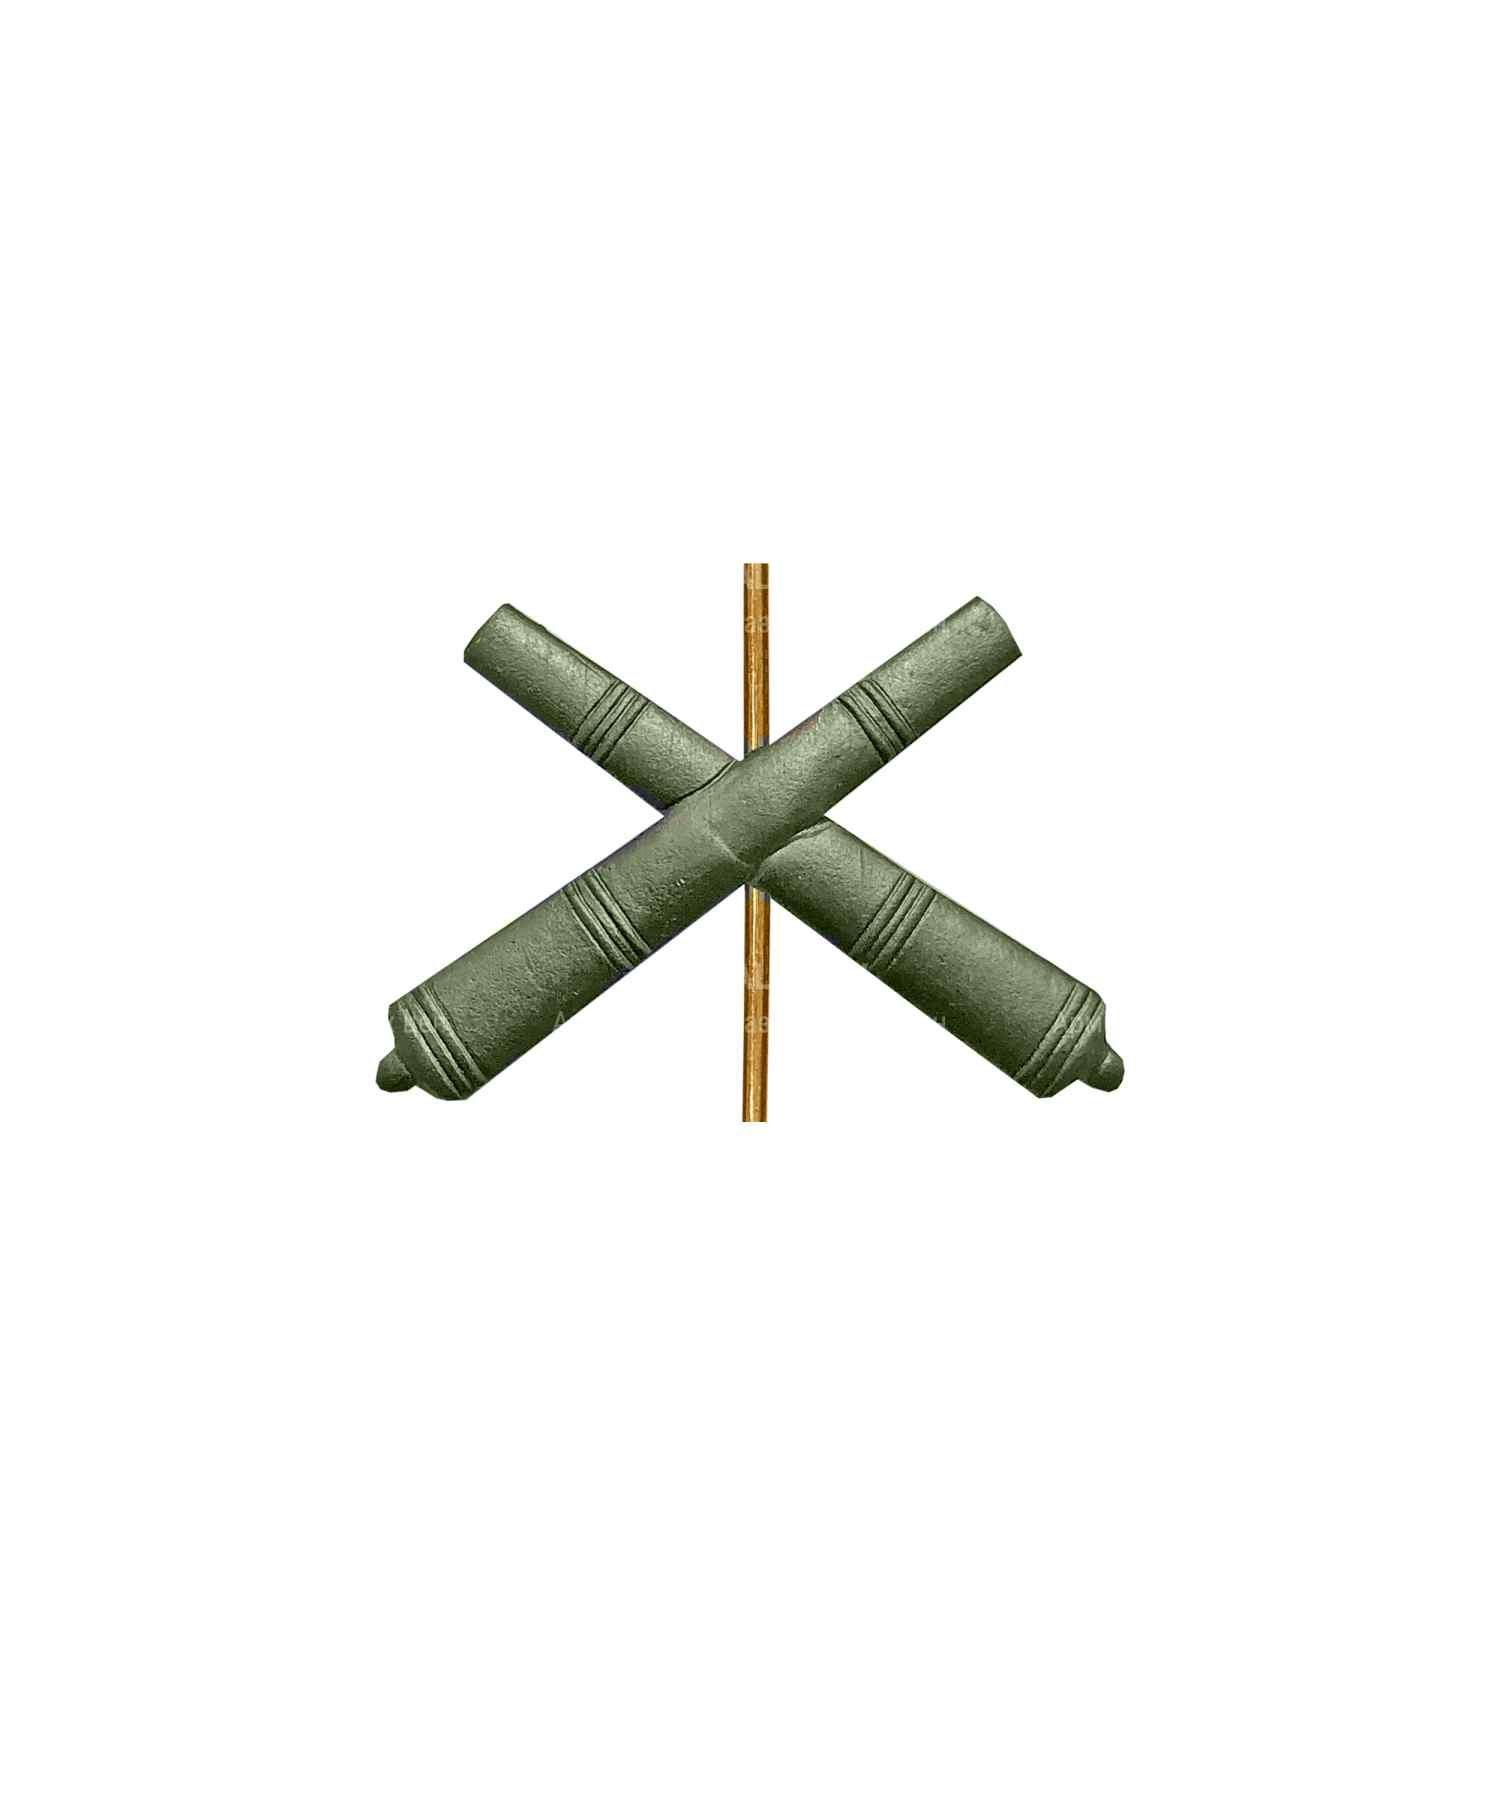 Эмблема артиллерии металлическая зеленая